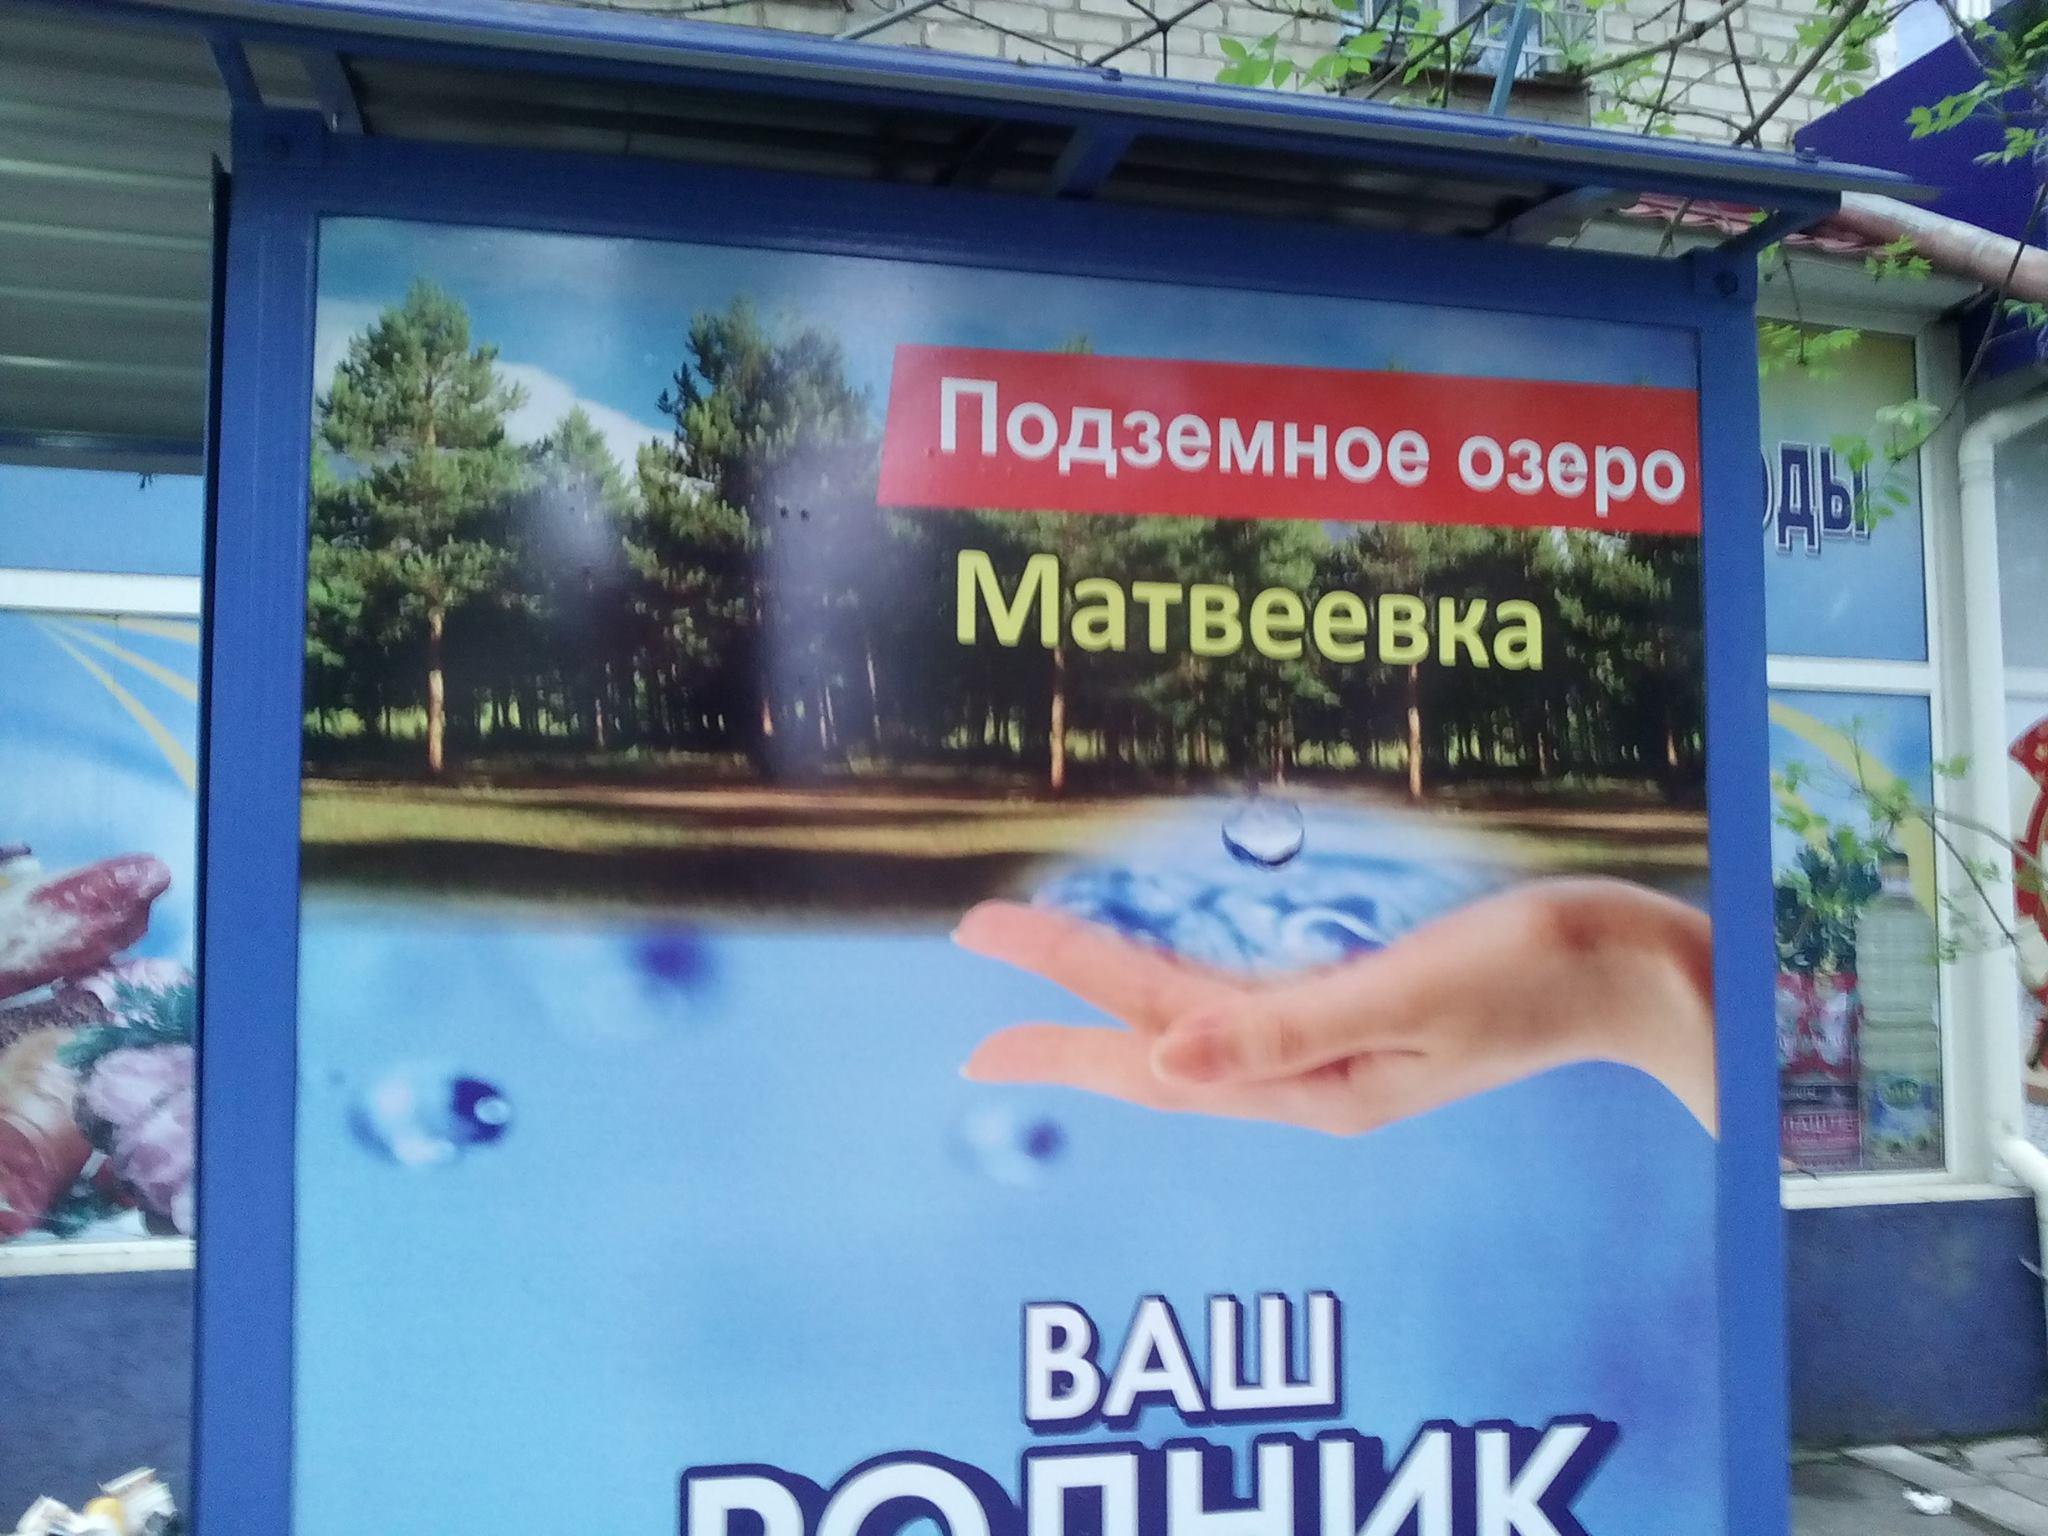 У Миколаєві приватні підприємці викачують воду під виглядом артезіанської